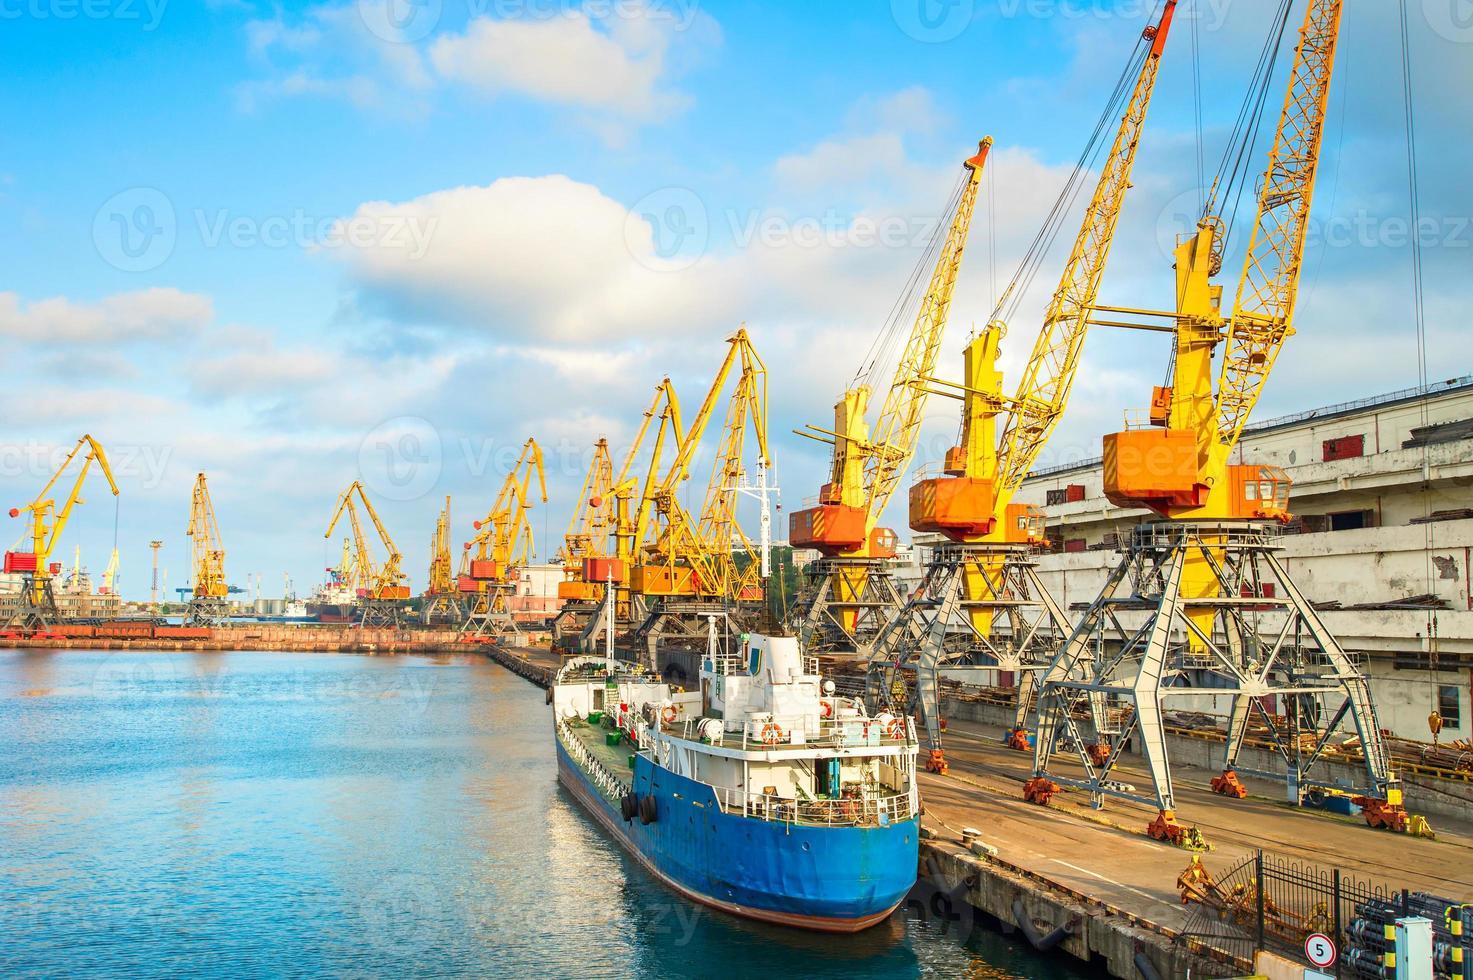 porto comercial de odessa, ucrânia foto